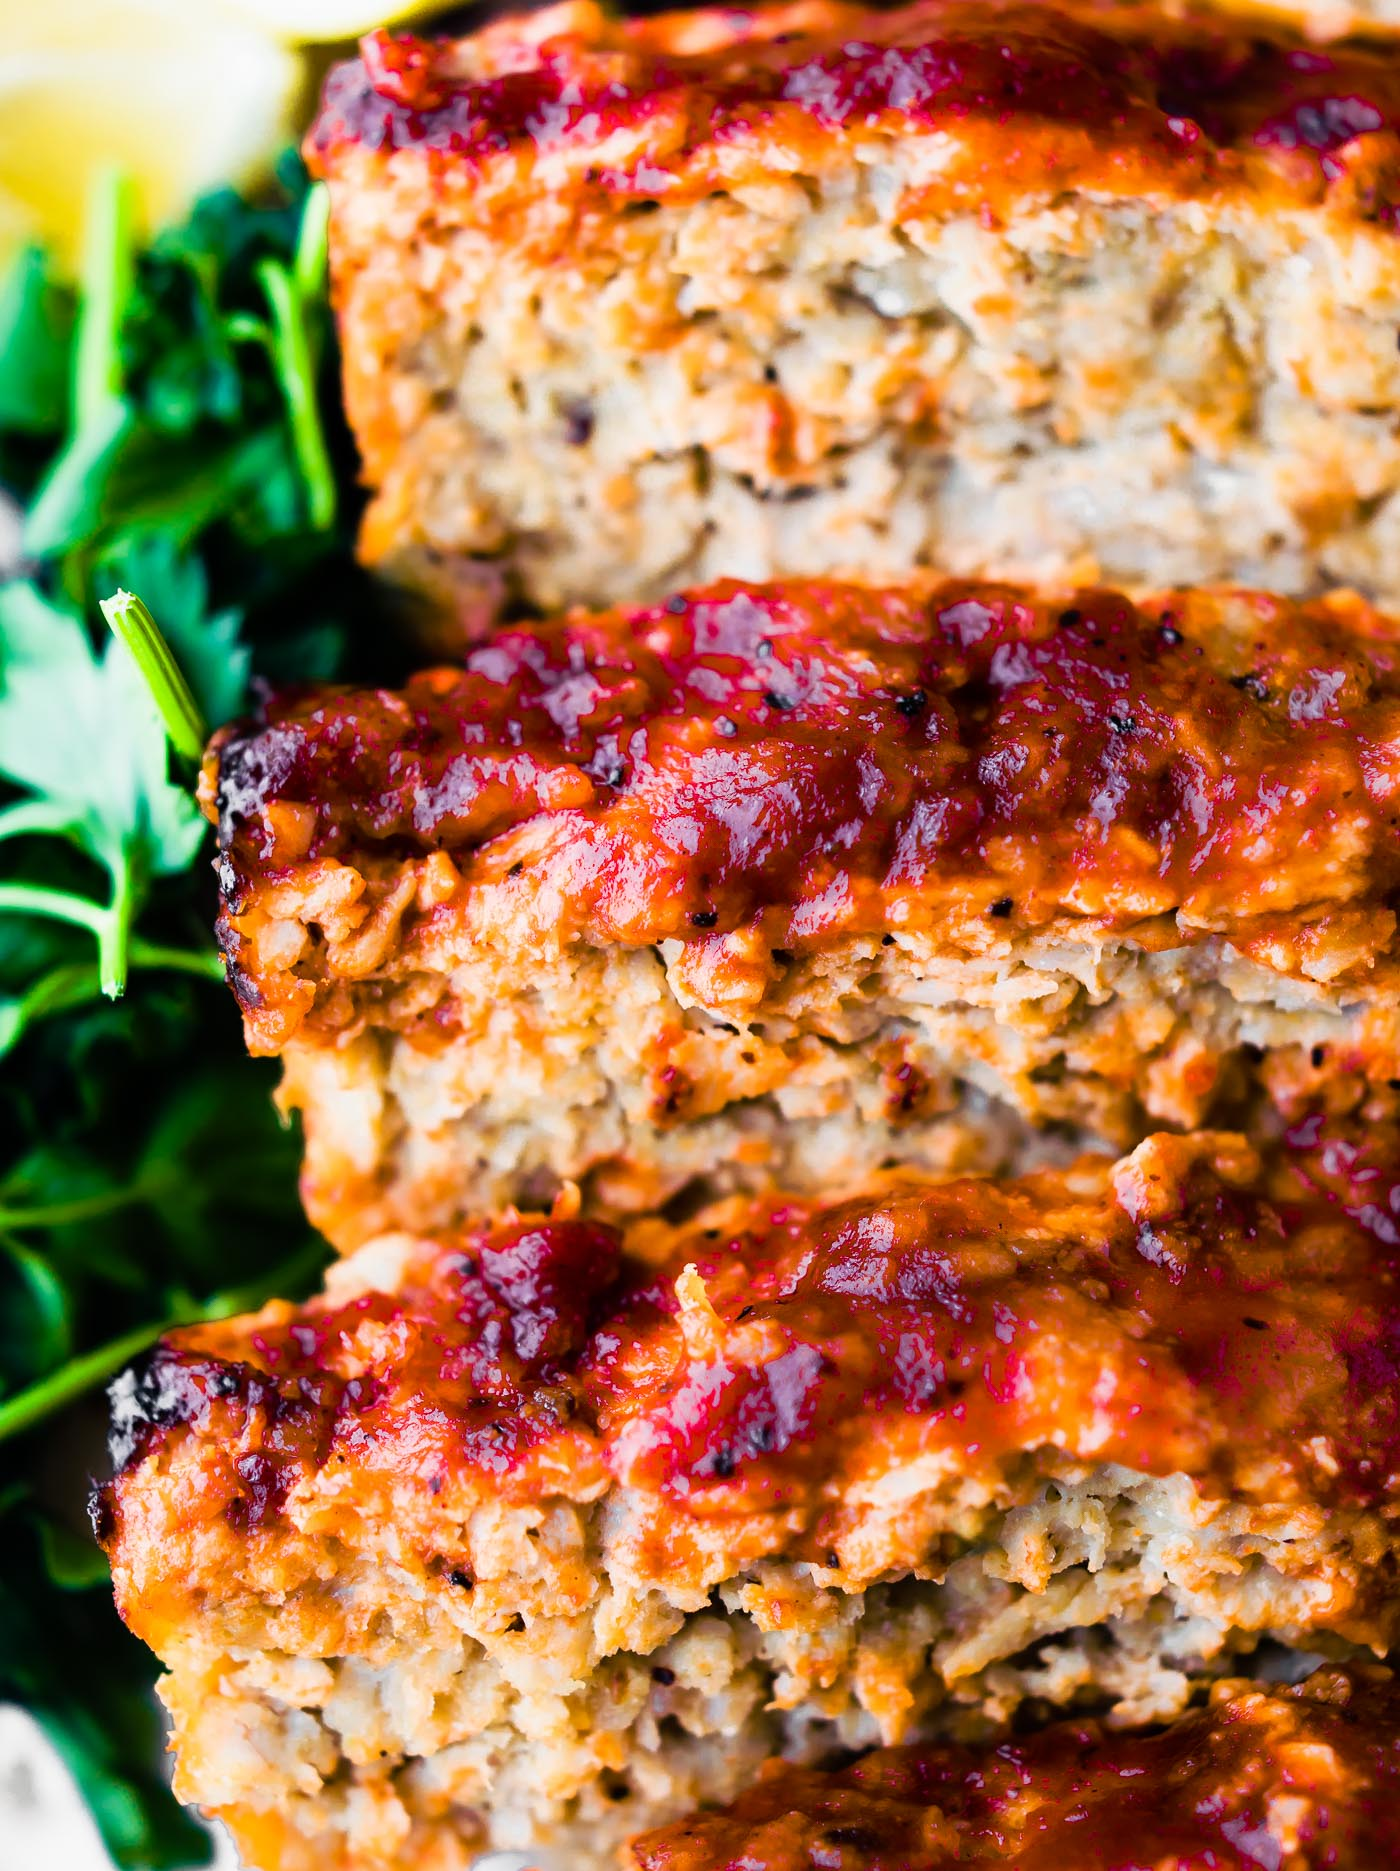 glazedBBQ meatloaf slices